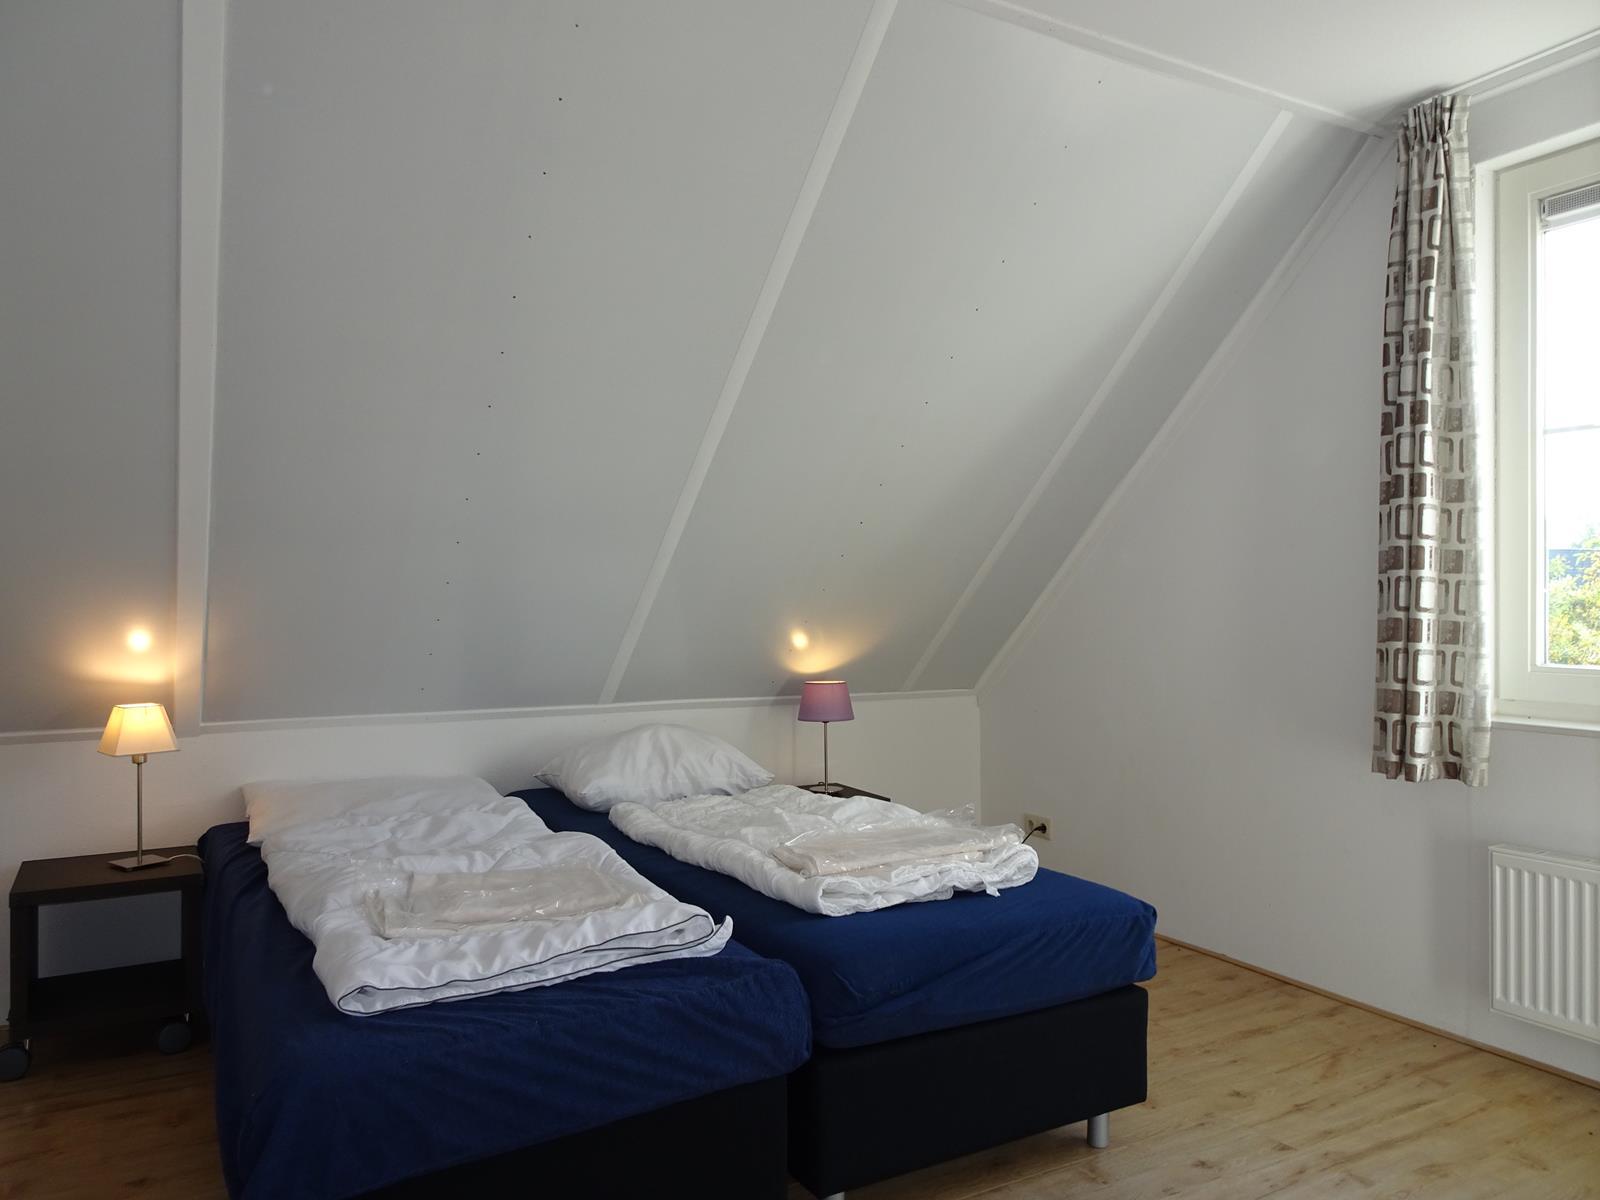 Vakantiehuis te koop Susteren K801 007.jpg